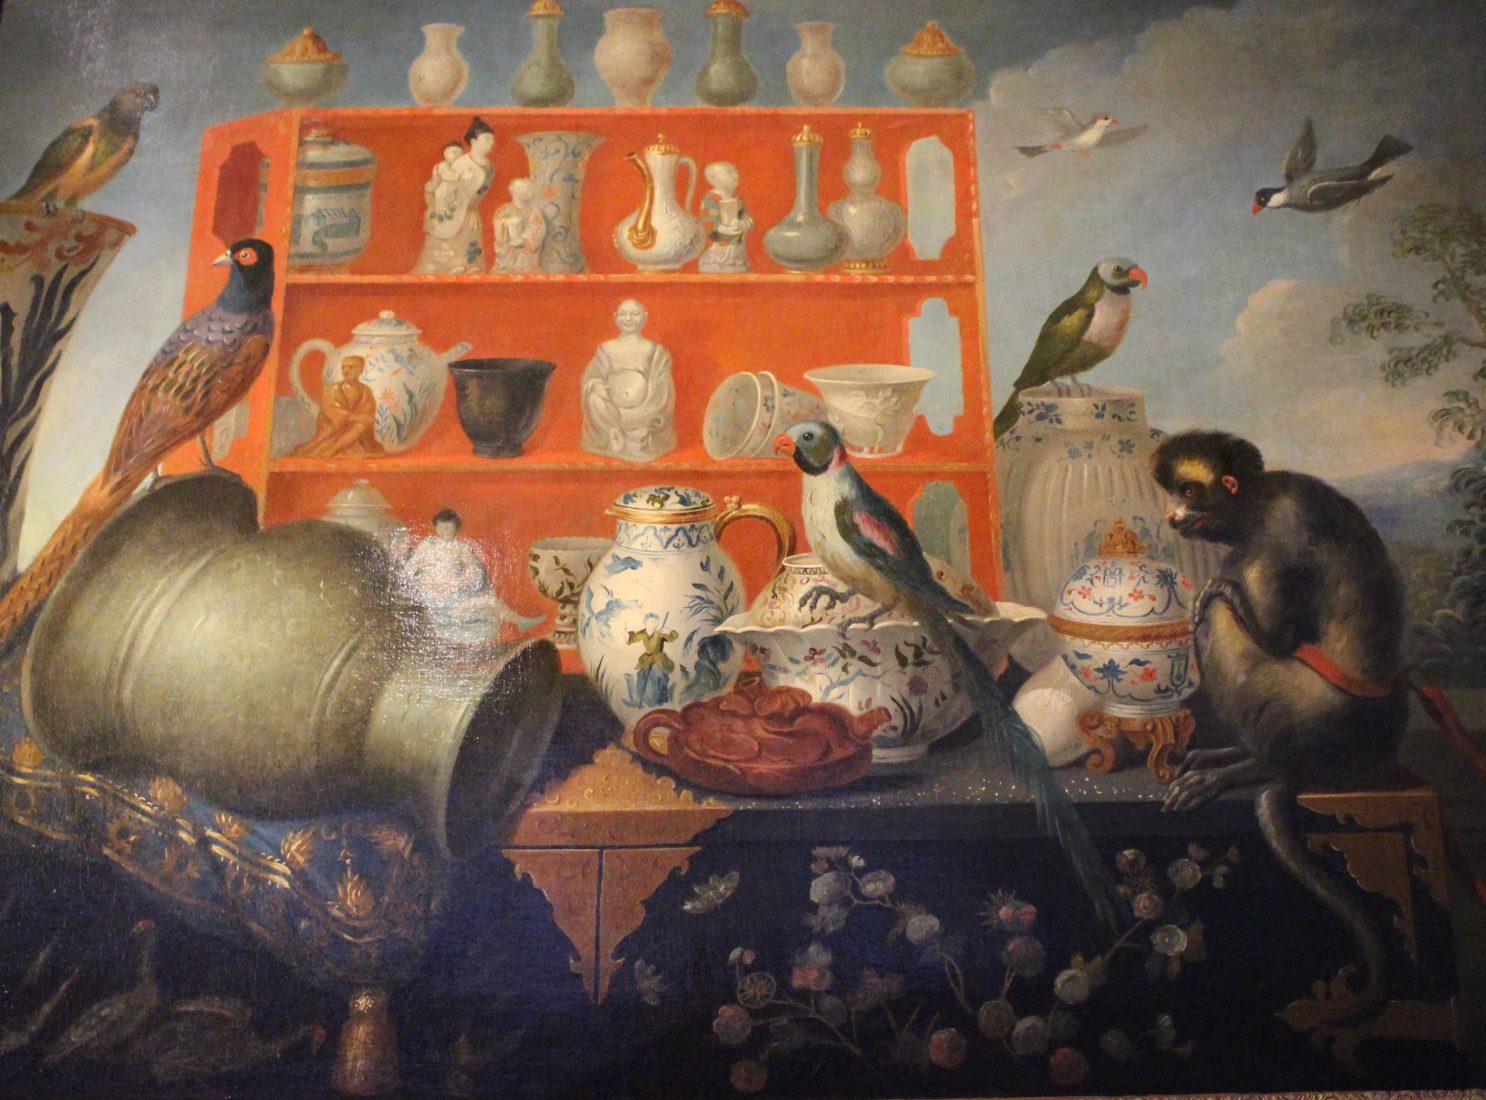 Ecole française du XVIIIème siècle.